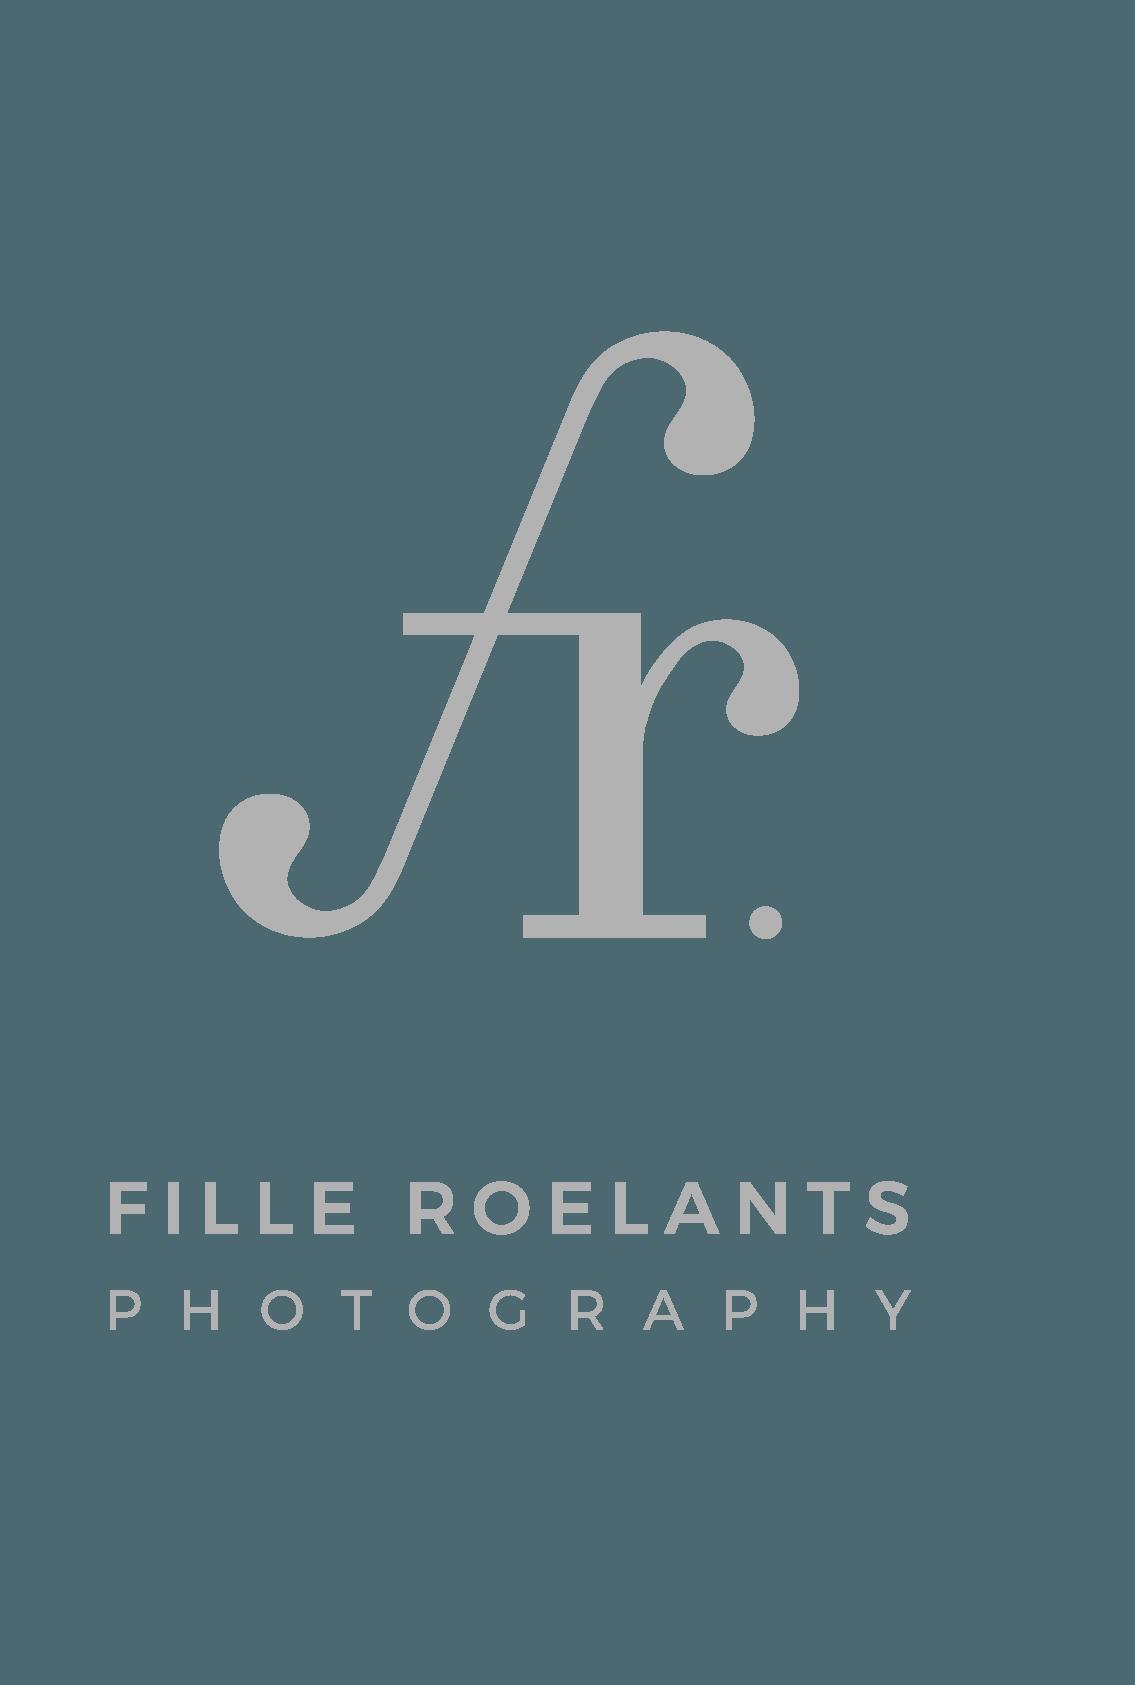 Fille Roelants – Fotograaf